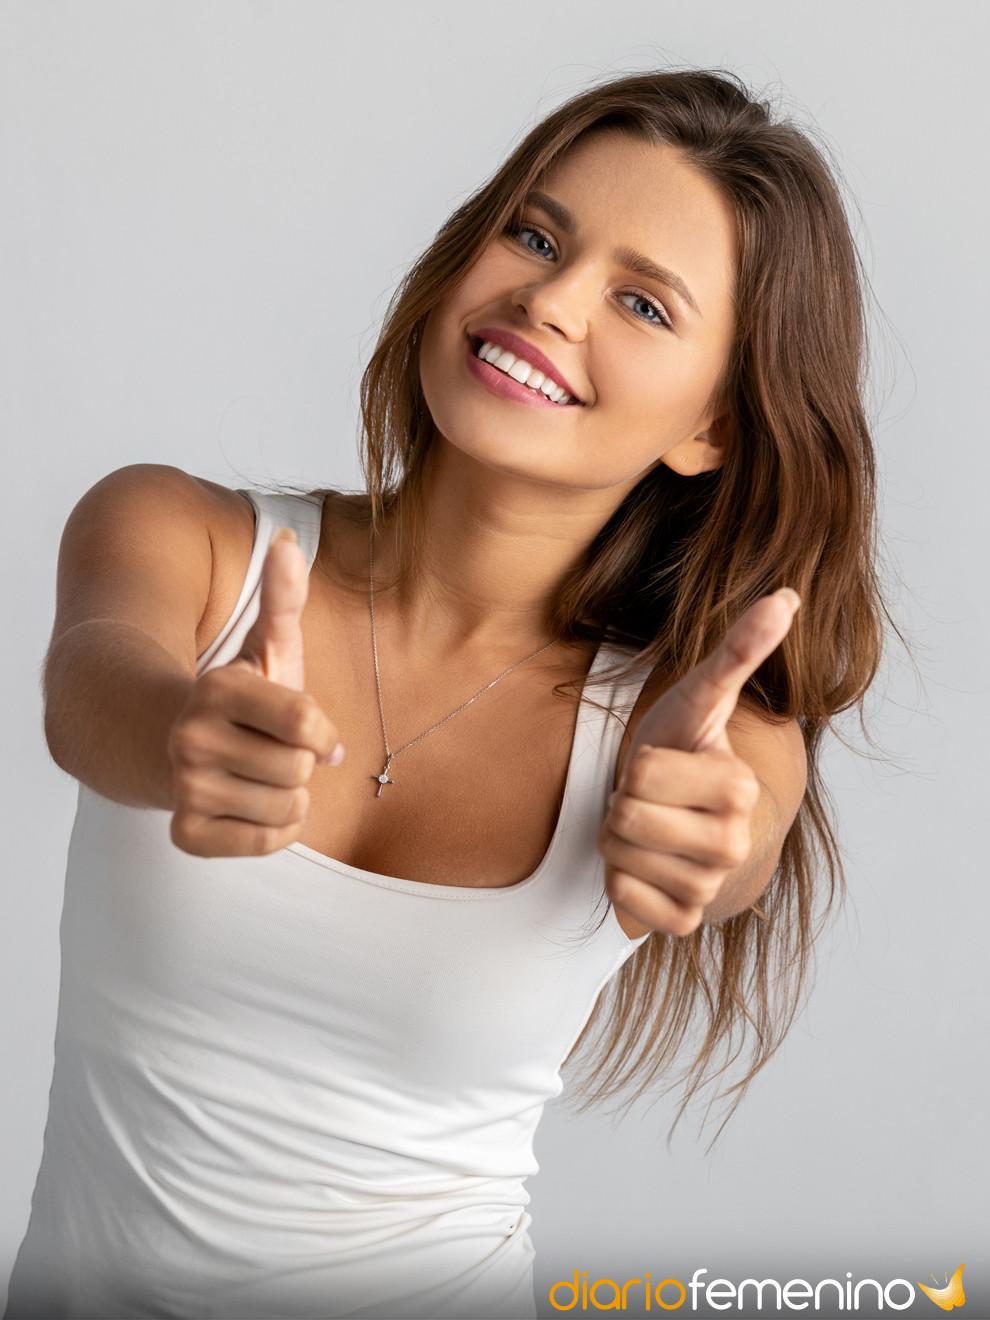 Higiene íntima: durante la menstruación, cambiarse cada cuatro horas como mucho es lo recomendable